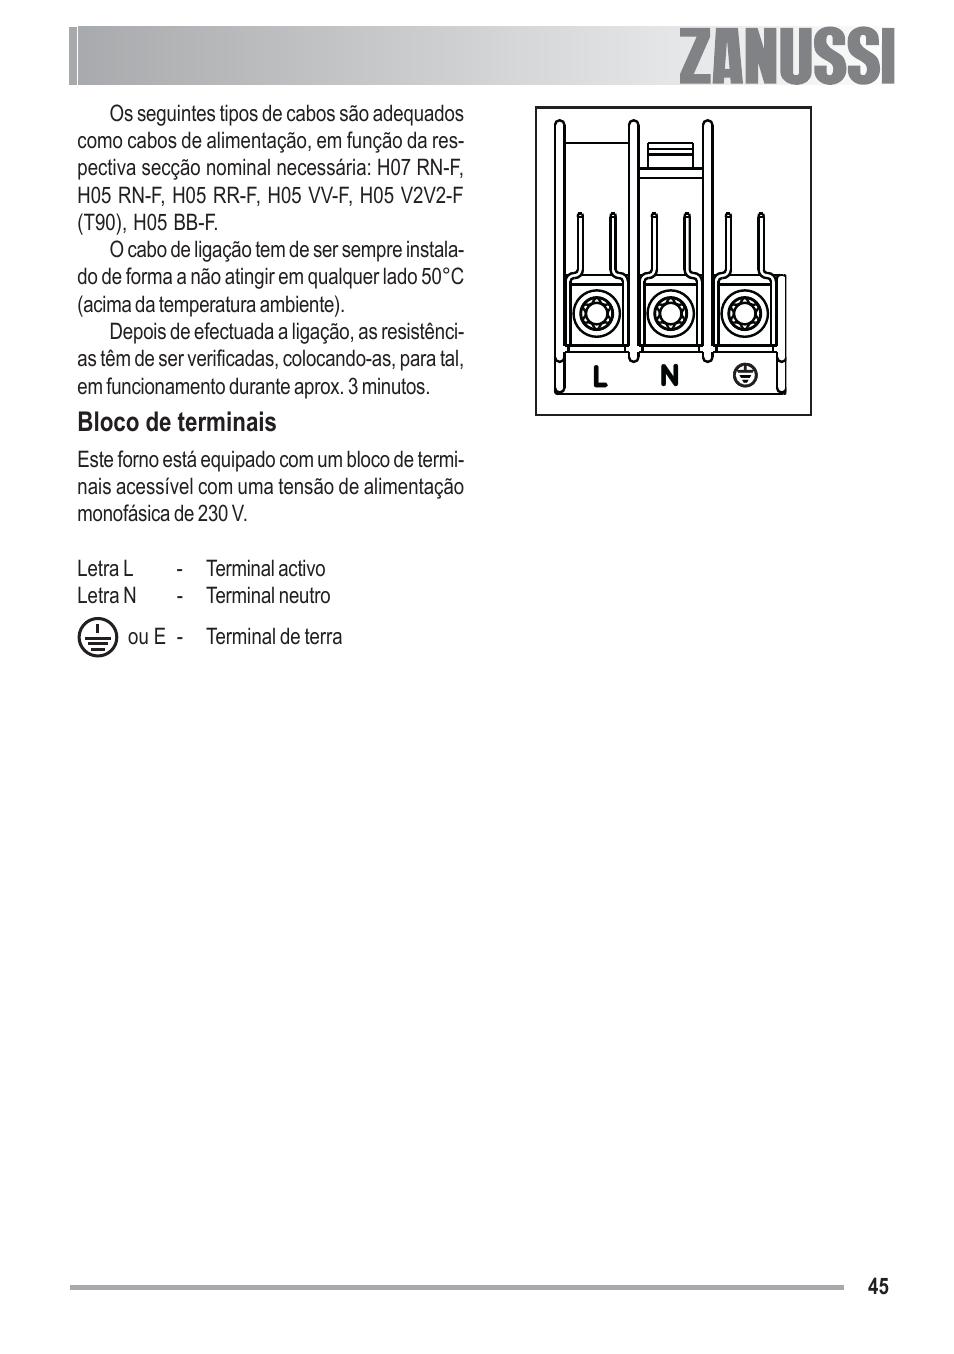 инструкция электропечь zanussi zob183wc